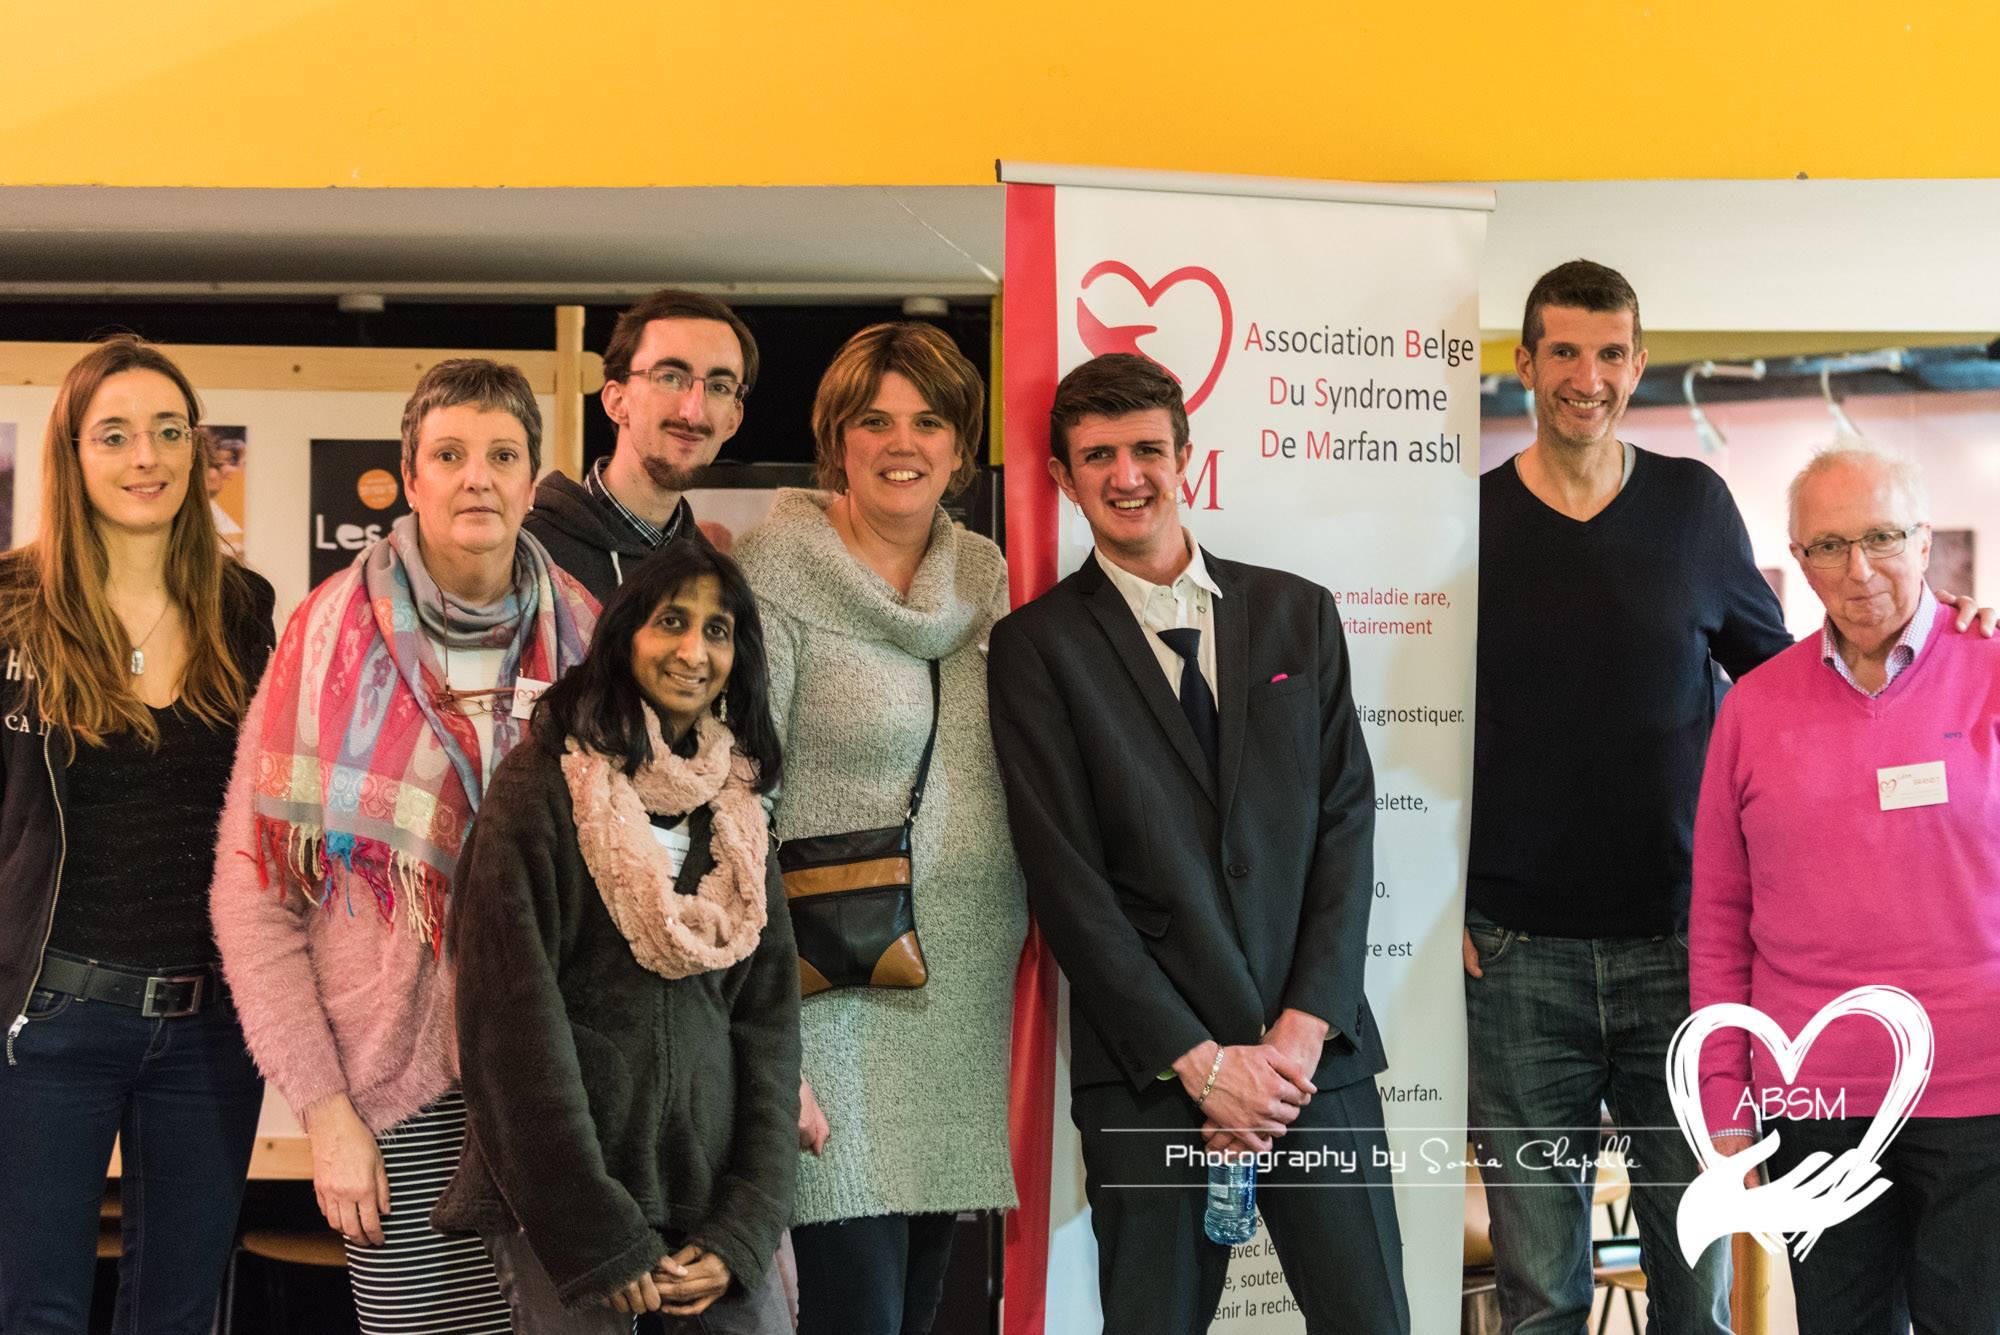 De Belgische Associatie van het syndroom van Marfan organiseerde op 25 februari een lachgala in Seraing. (Foto door Sonia Chapelle)